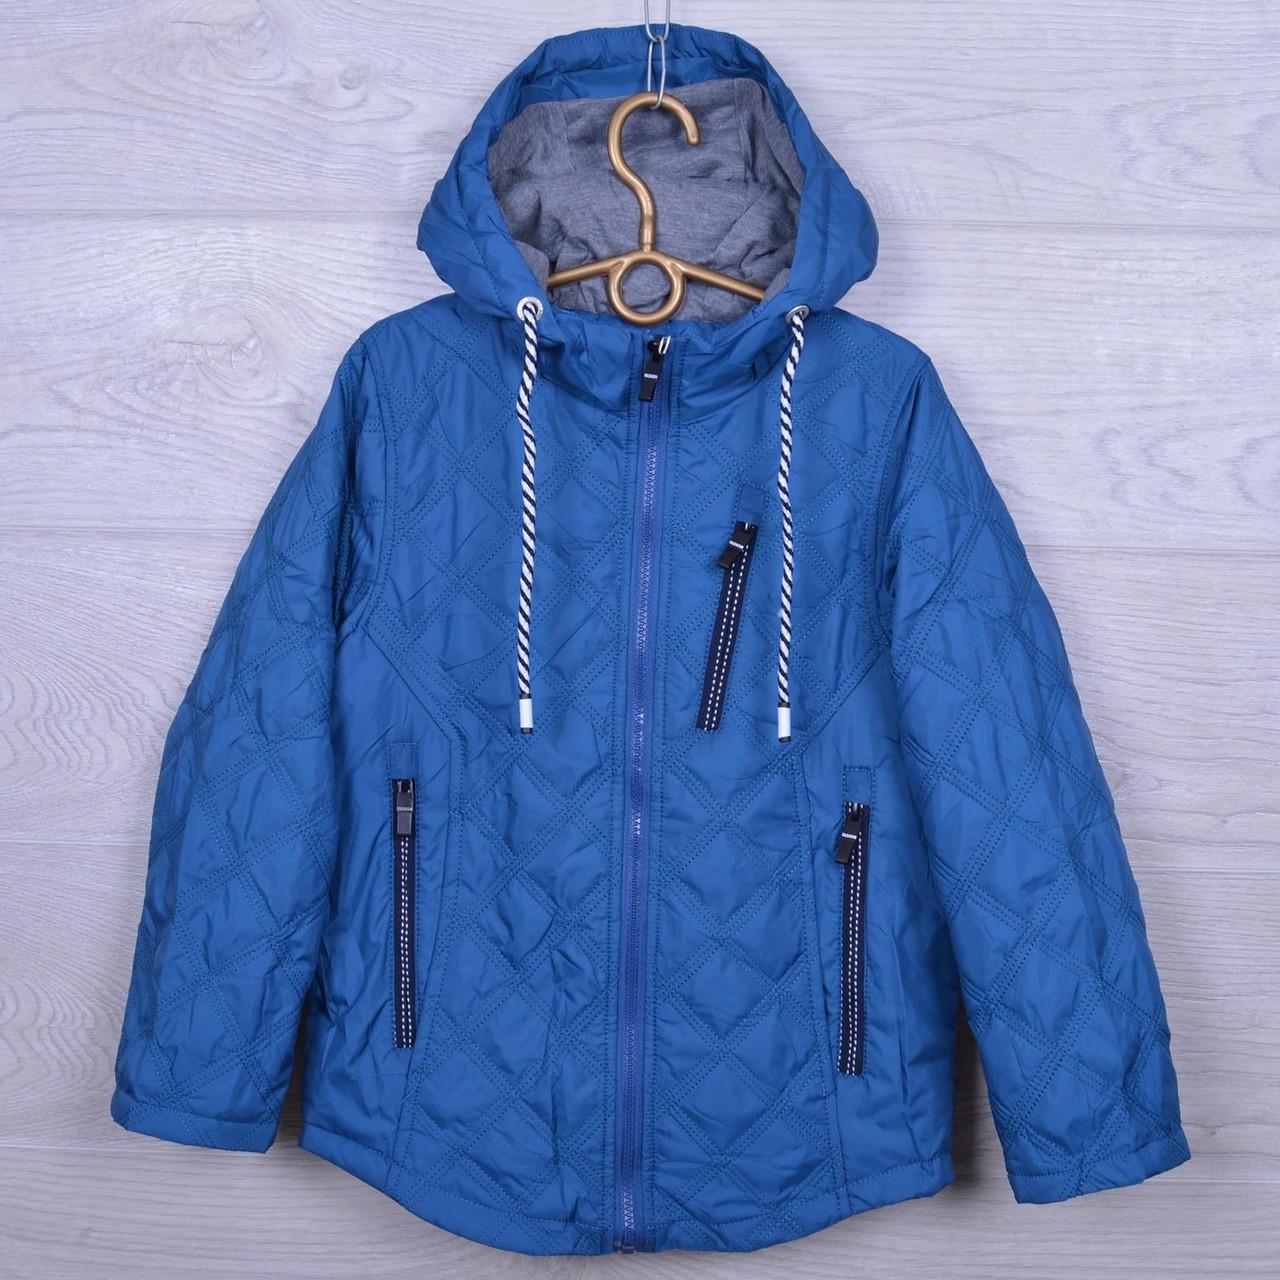 """Куртка подростковая демисезонная """"M&Y"""" #BM-6 для мальчиков. Размеры 122-146 см. Голубая. Оптом., фото 1"""